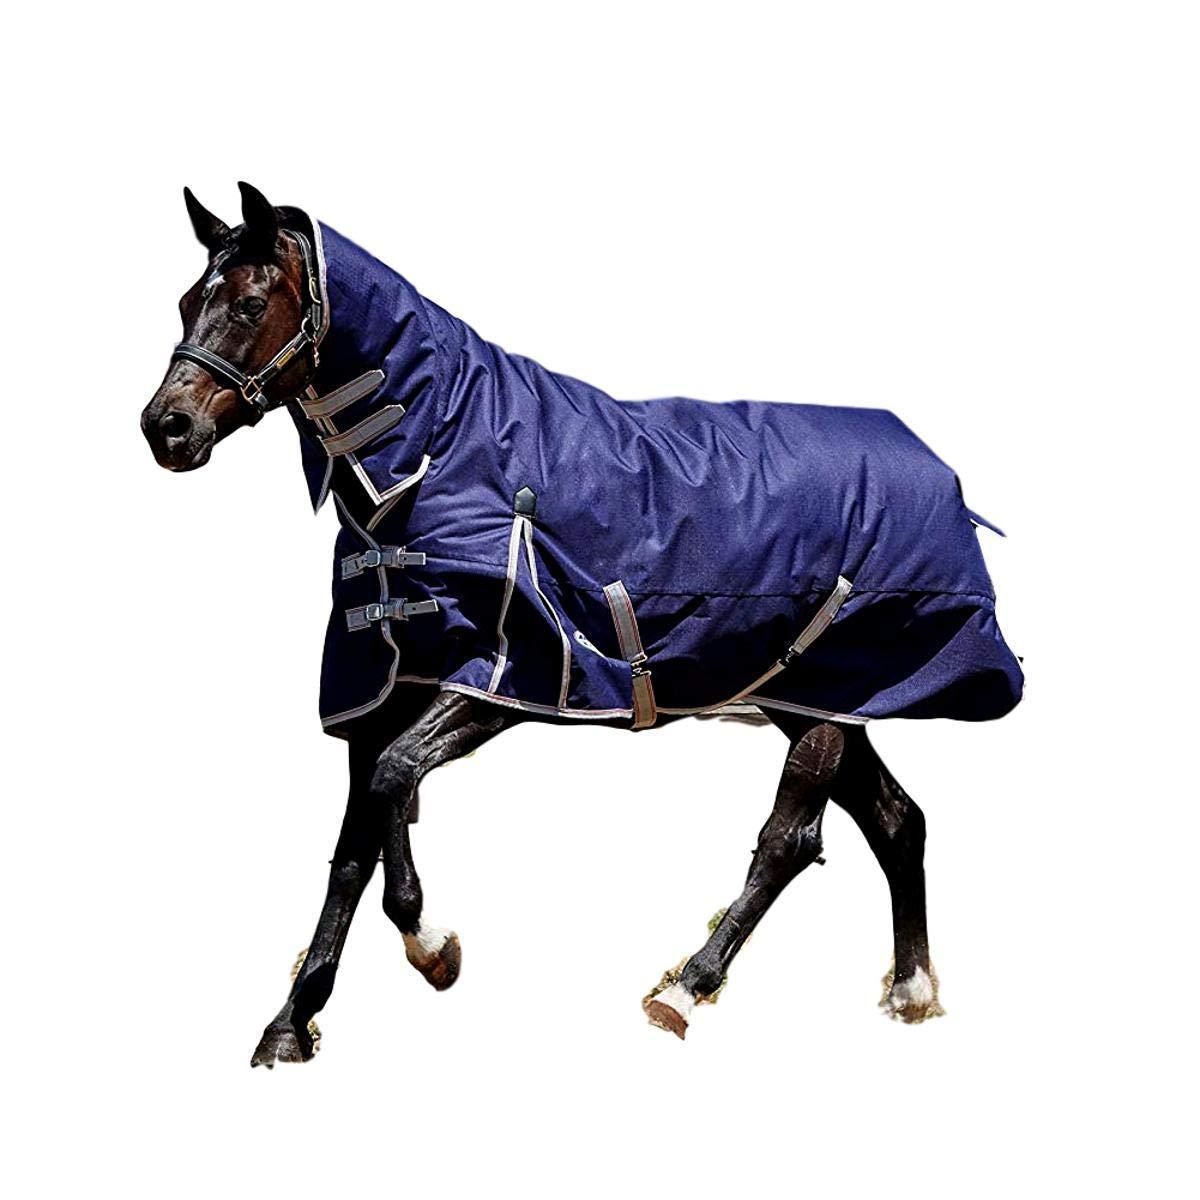 (ウェザビータ) Weatherbeeta 馬用 Comfitec ライト クラシック コンボネック ターンアウトラグ 馬着 乗馬 ホースライディング 【海外直送】